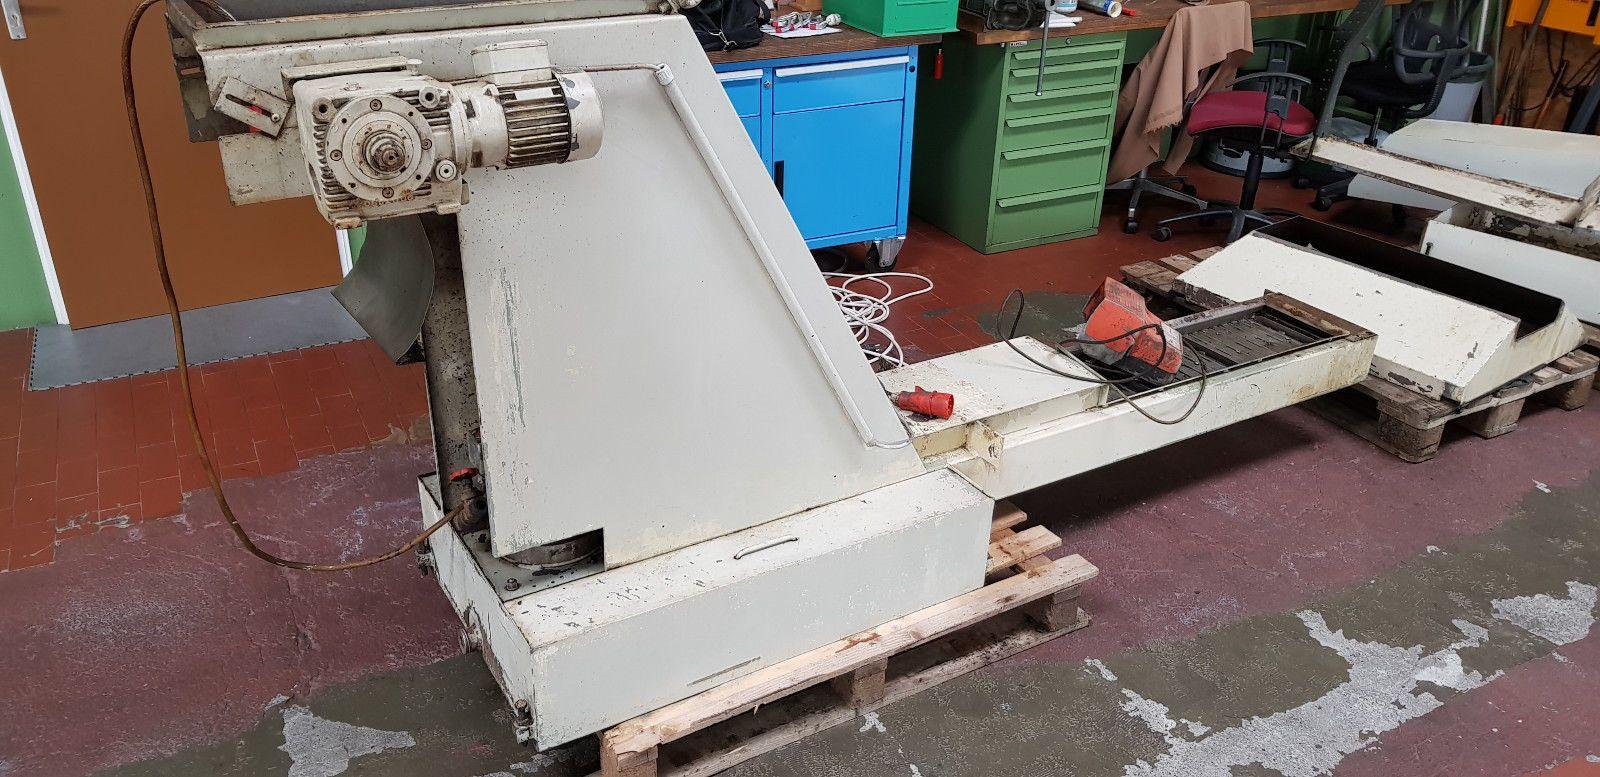 Späneförderer Drehmaschine oder Fräsmaschine